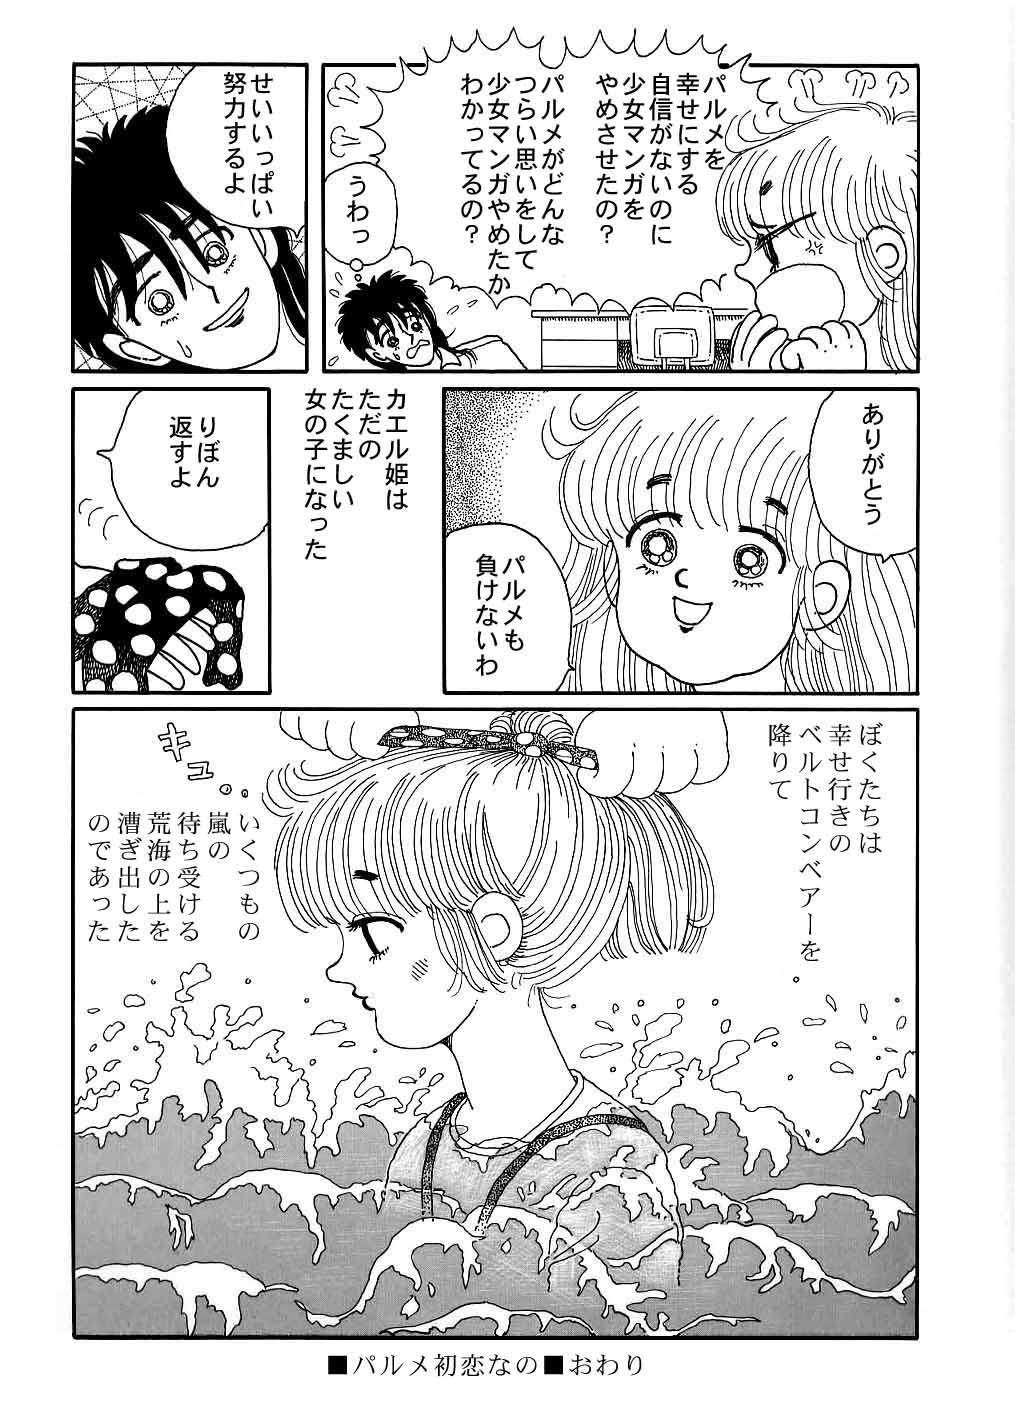 ホラー漫画画像31_20110122034028.jpg